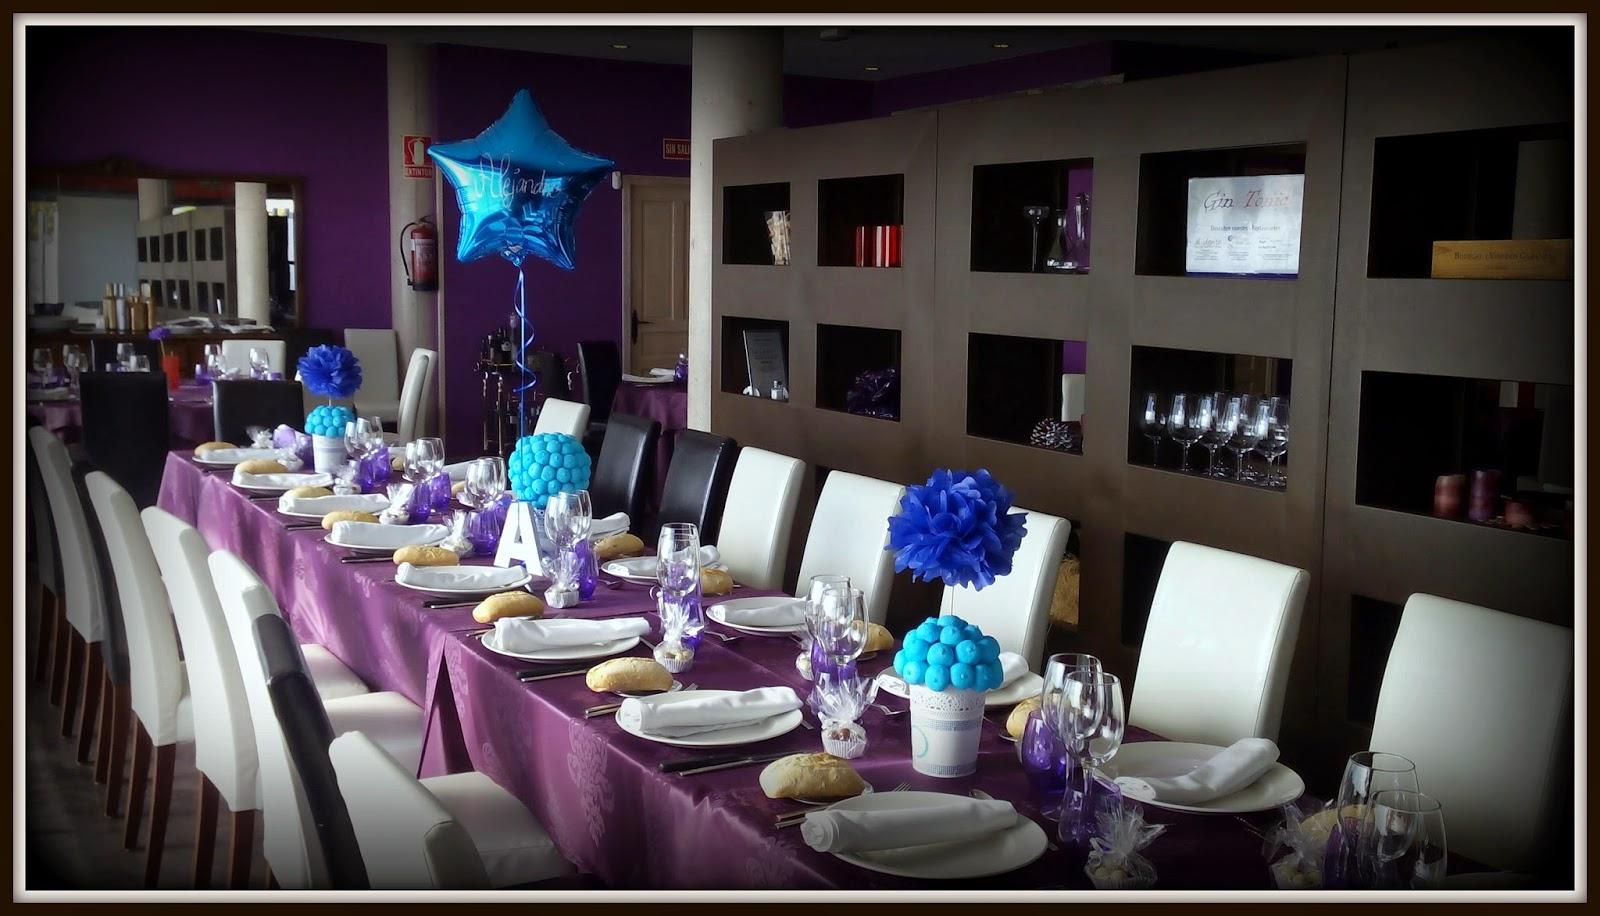 Regalos originales y personalizados decoraci n para - Detalles para los invitados ...